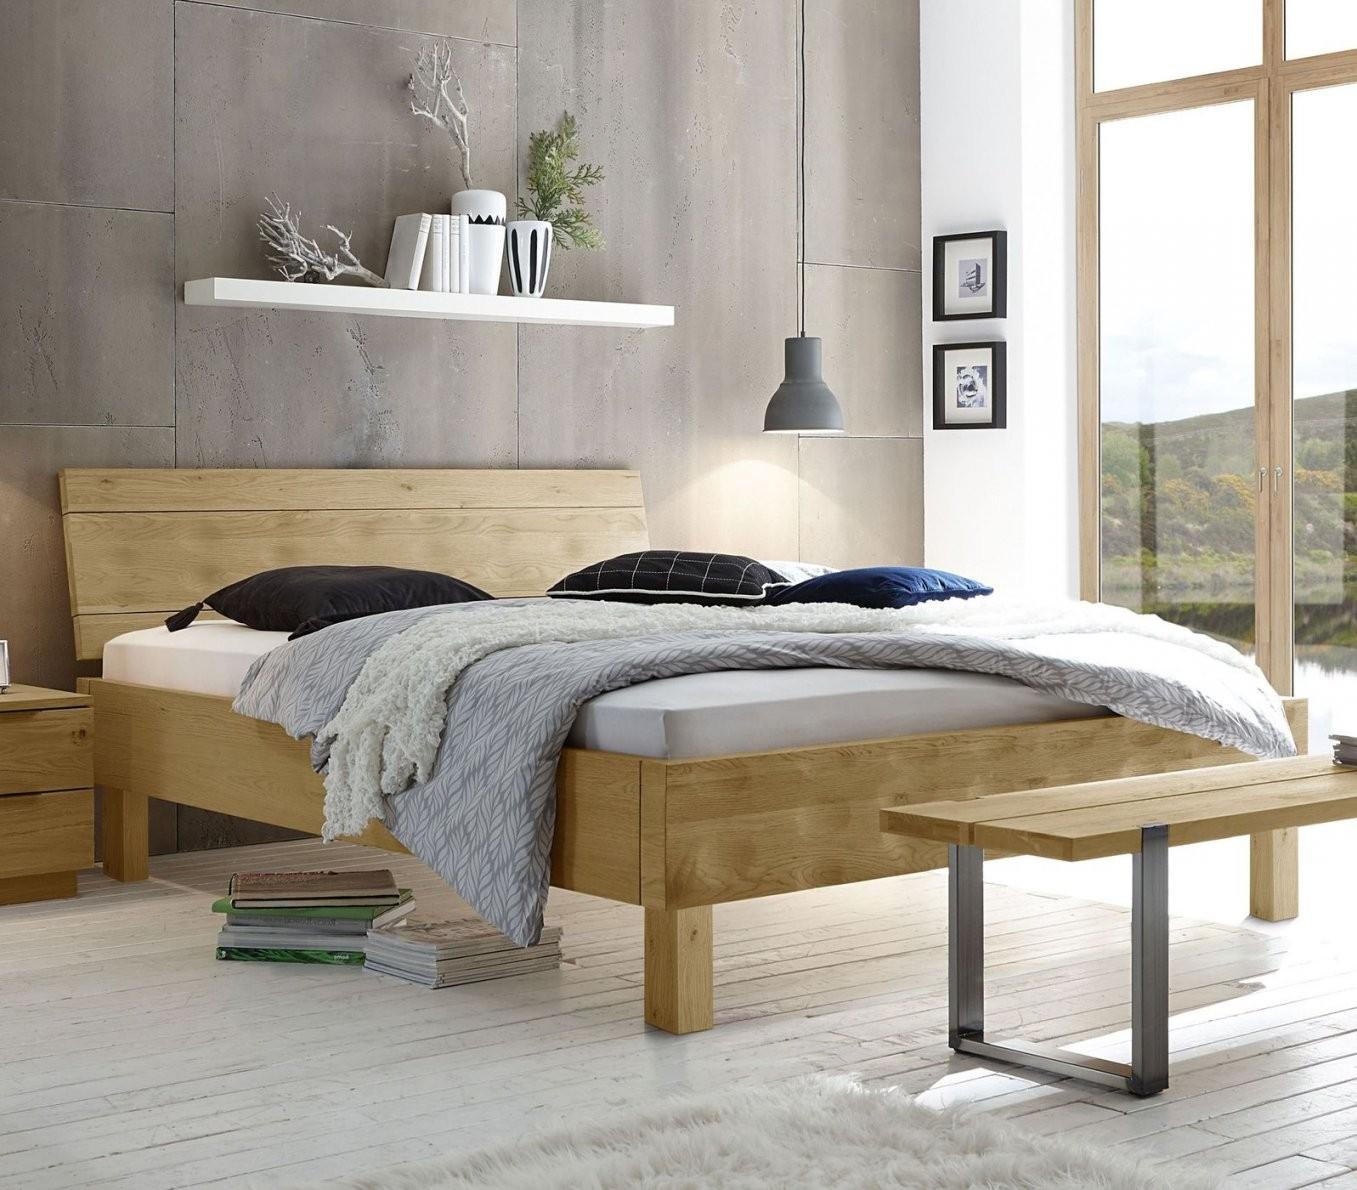 Französische Betten Ohne Und Mit Bettkasten Kaufen von Französische Betten Mit Bettkasten Bild